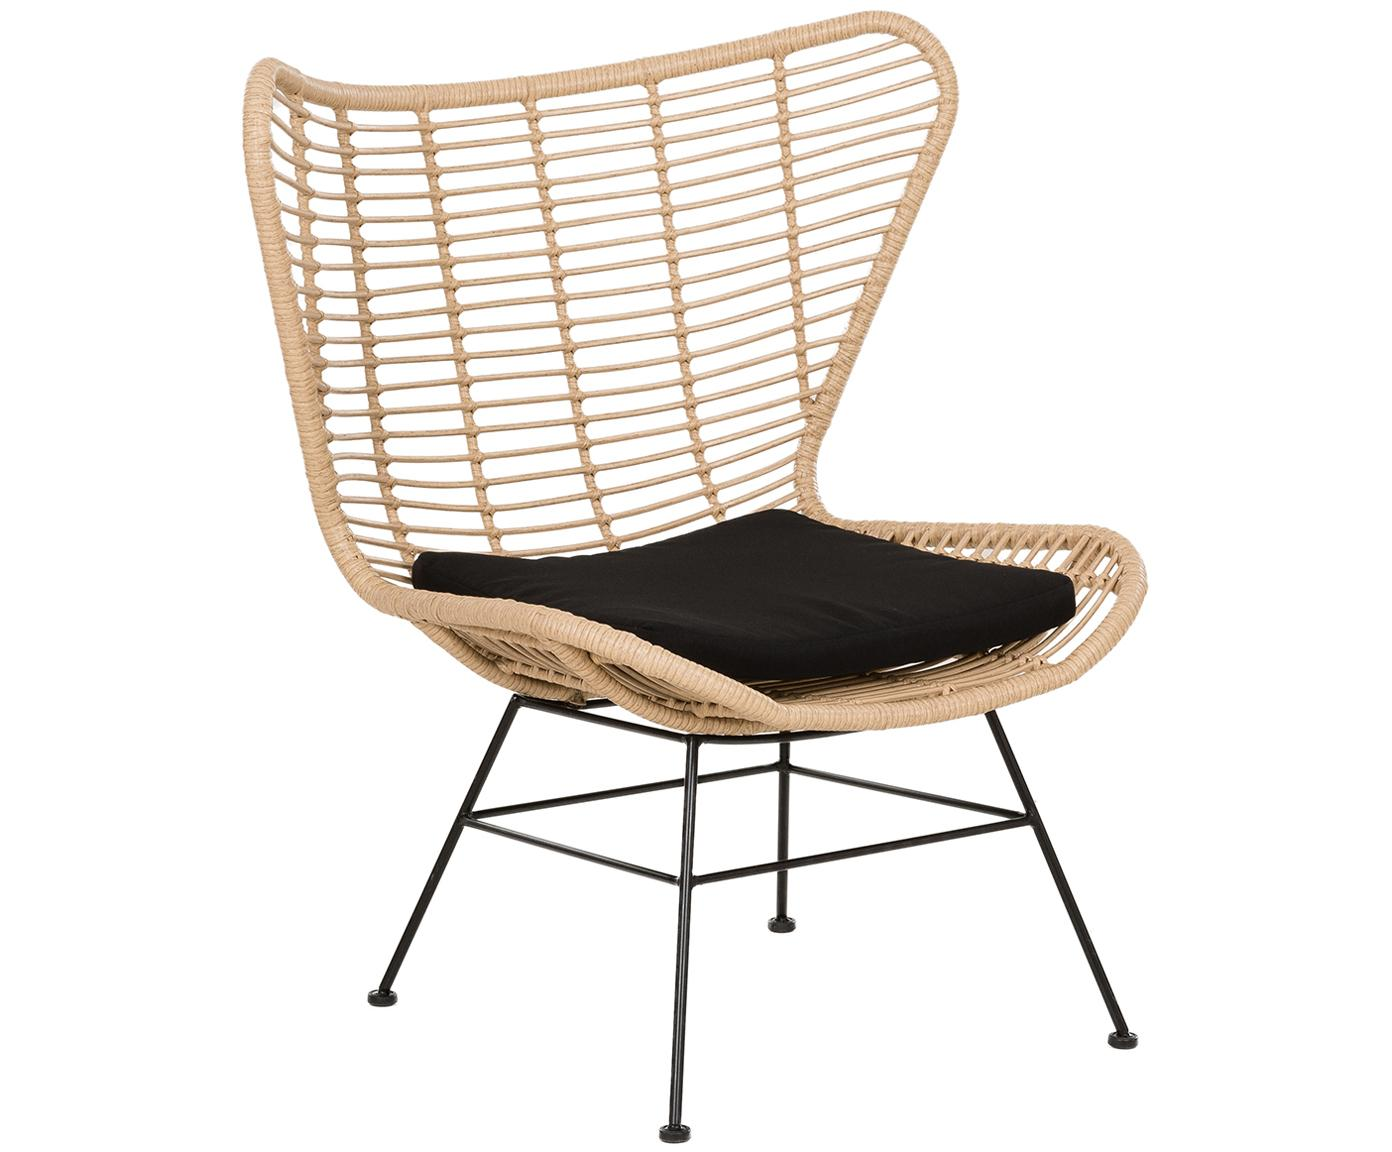 Fotel wypoczynkowy z polirattanu Costa, Stelaż: metal malowany proszkowo, Jasny brązowy, S 90 x G 89 cm